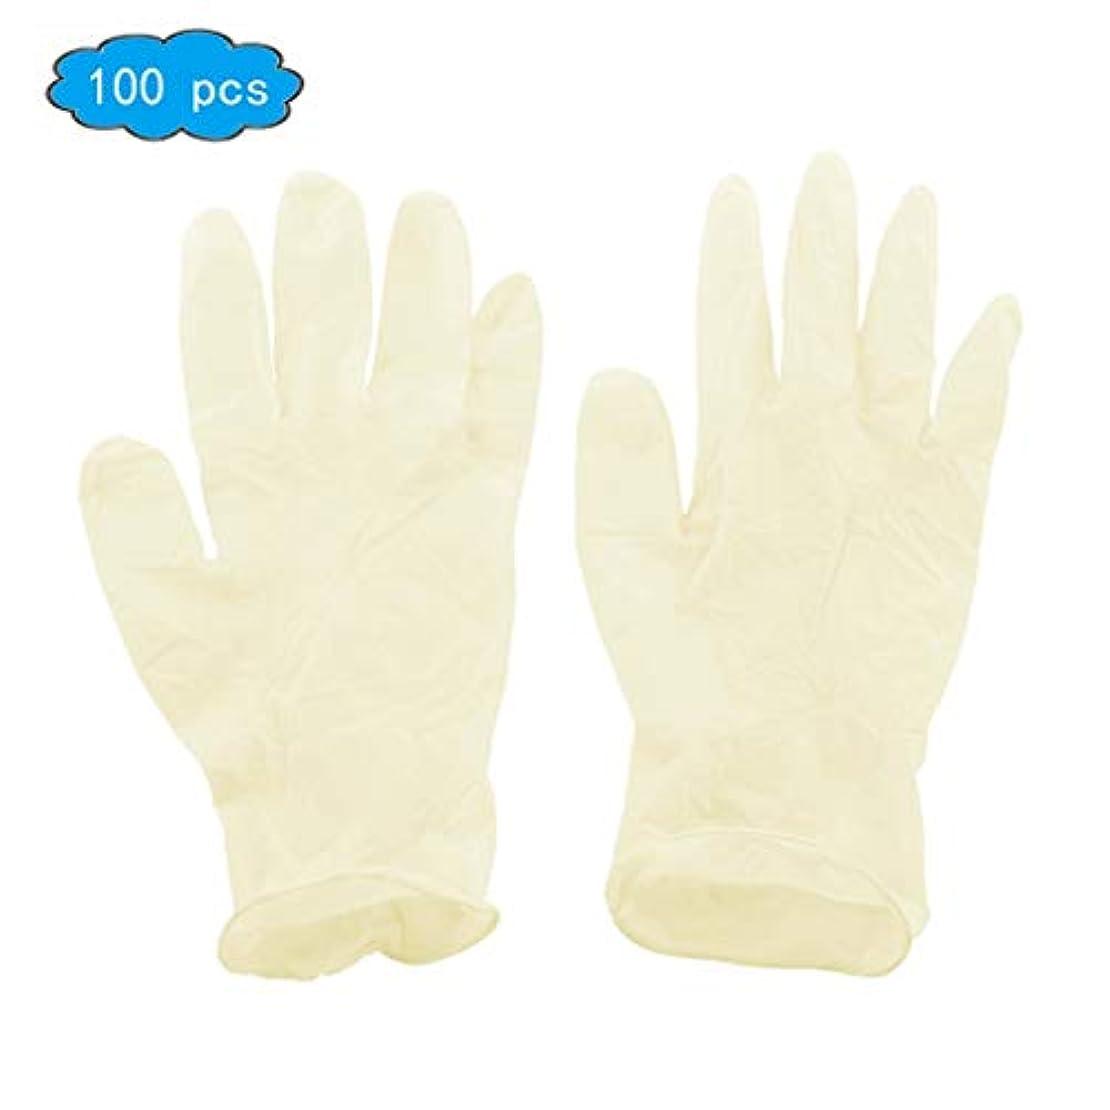 ポルティコ一元化する批判使い捨て手袋 - 医療用、パウダーフリー、ラテックスゴム、使い捨て、非滅菌、食品安全、テクスチャード加工、(便利なディスペンサーパック100)、中サイズ、応急処置用品 (Color : Beige, Size : M)